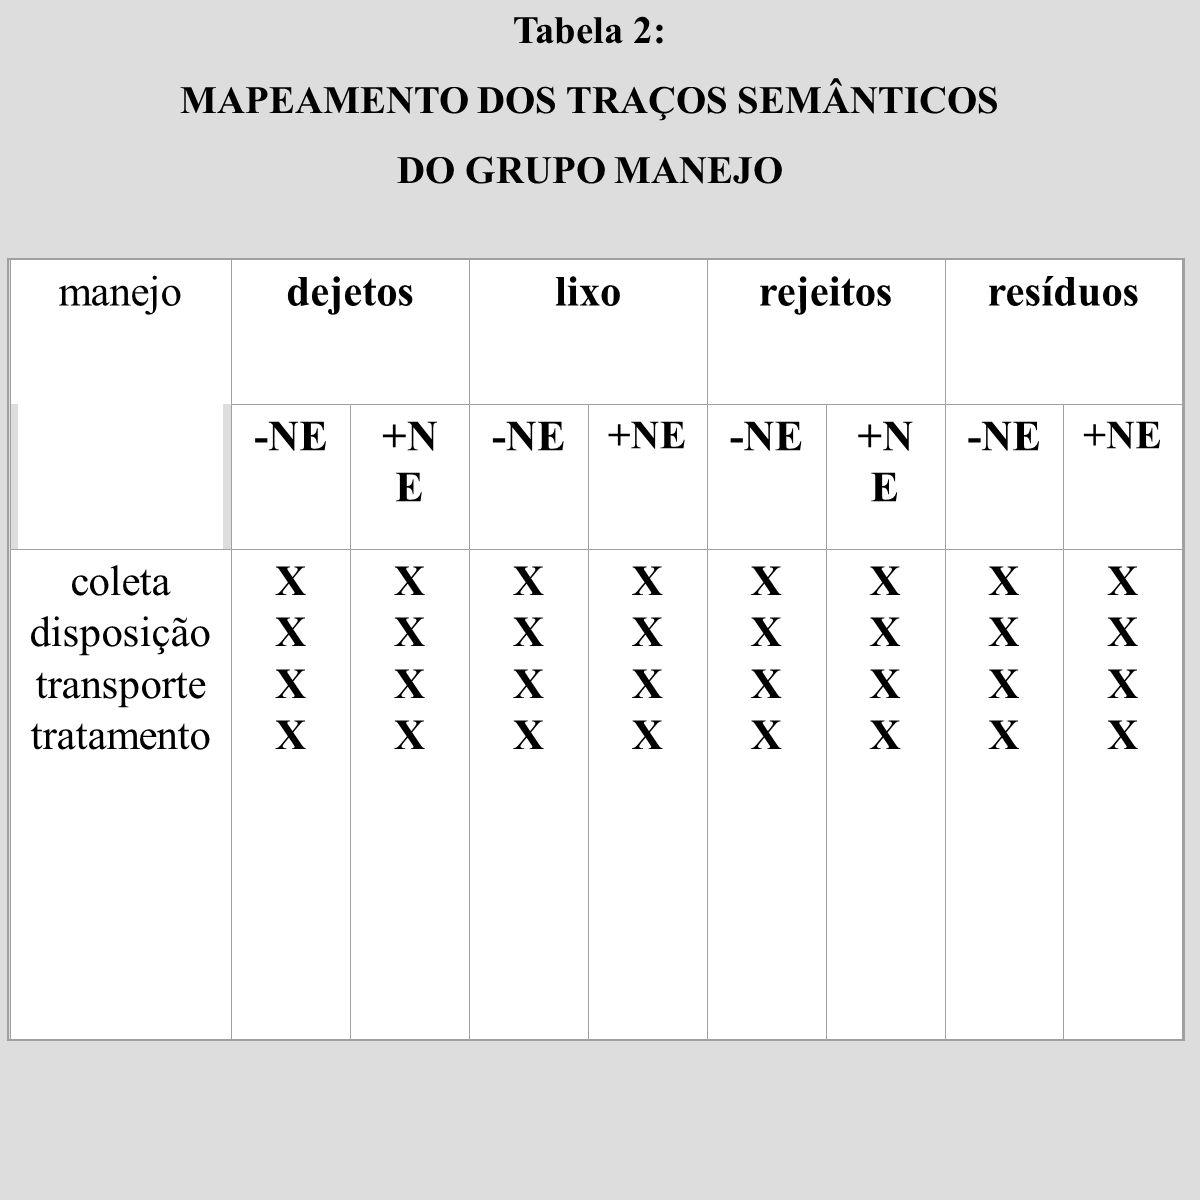 MAPEAMENTO DOS TRAÇOS SEMÂNTICOS